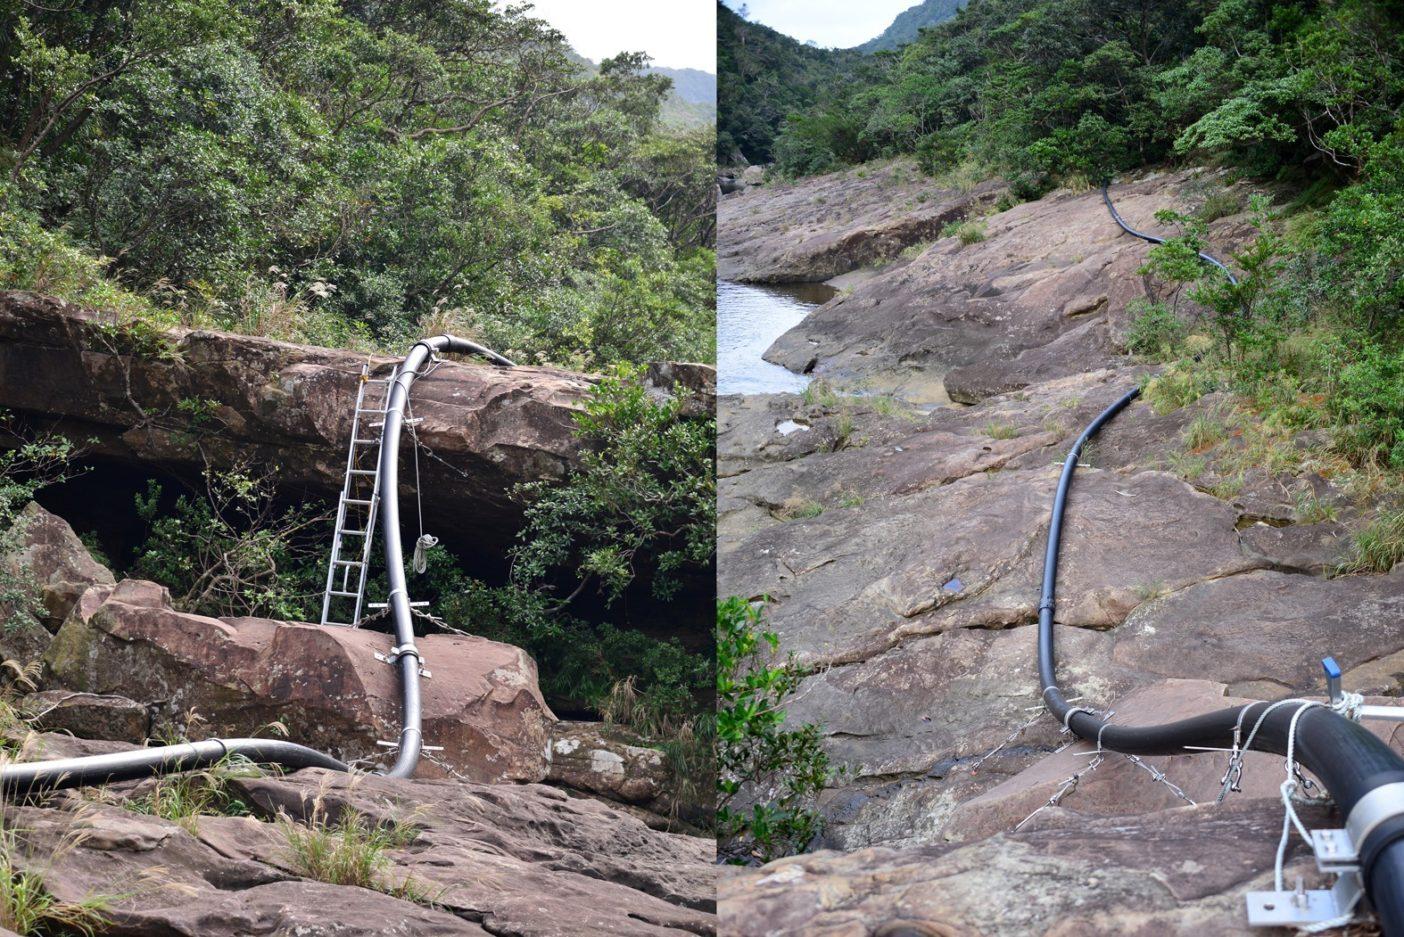 川沿いをうねる黒大蛇のようにつづいているパイプは異様な光景。写真:中根淳一